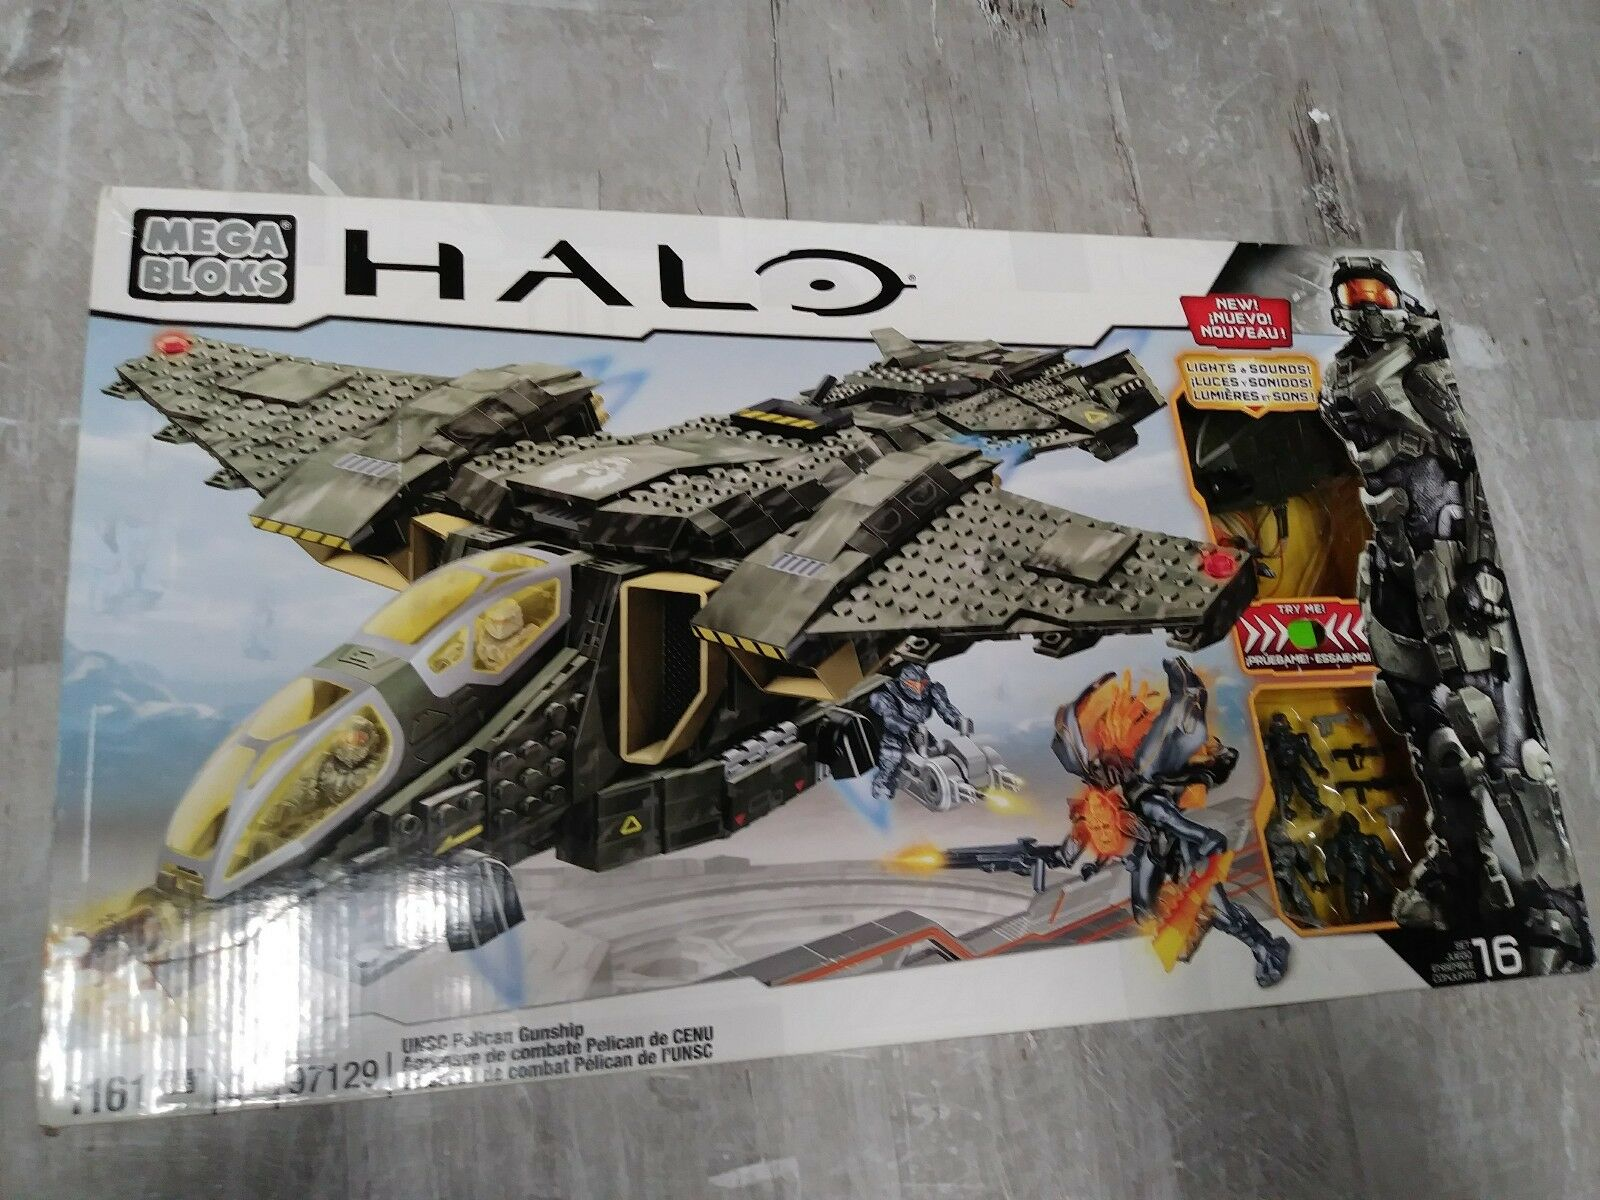 Nuevo Mega Bloks Halo UNSC Pelican Gunship Set W luces y sonidos de 1161 piezas